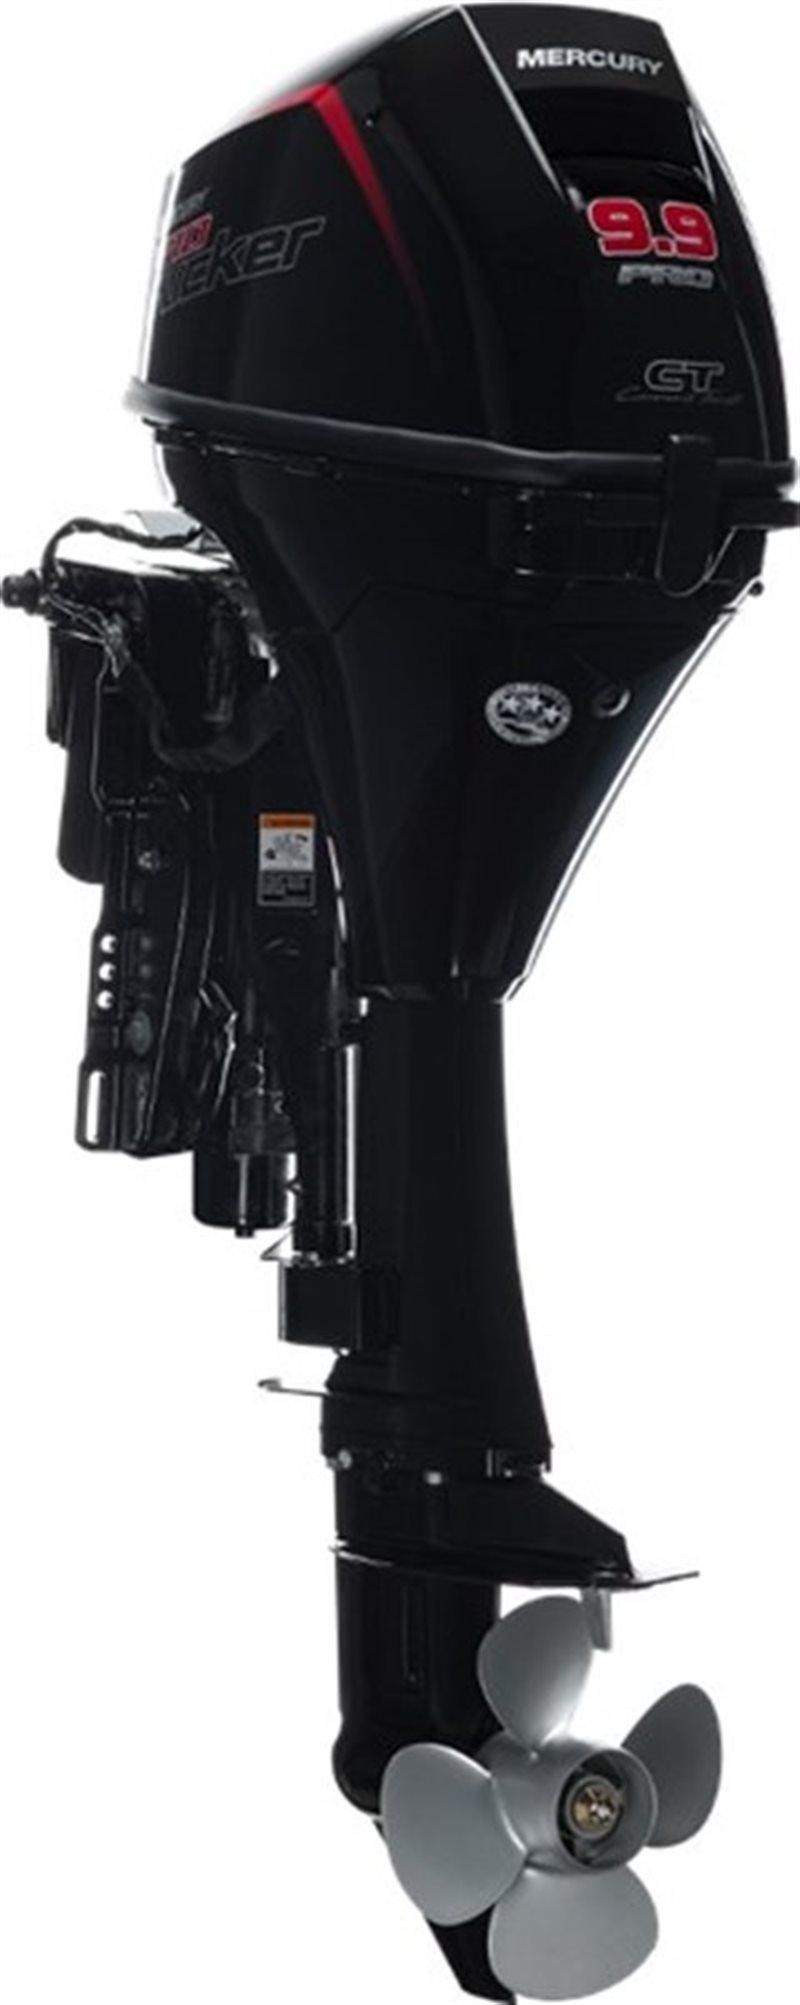 99 hp EFI ProKicker at Pharo Marine, Waunakee, WI 53597